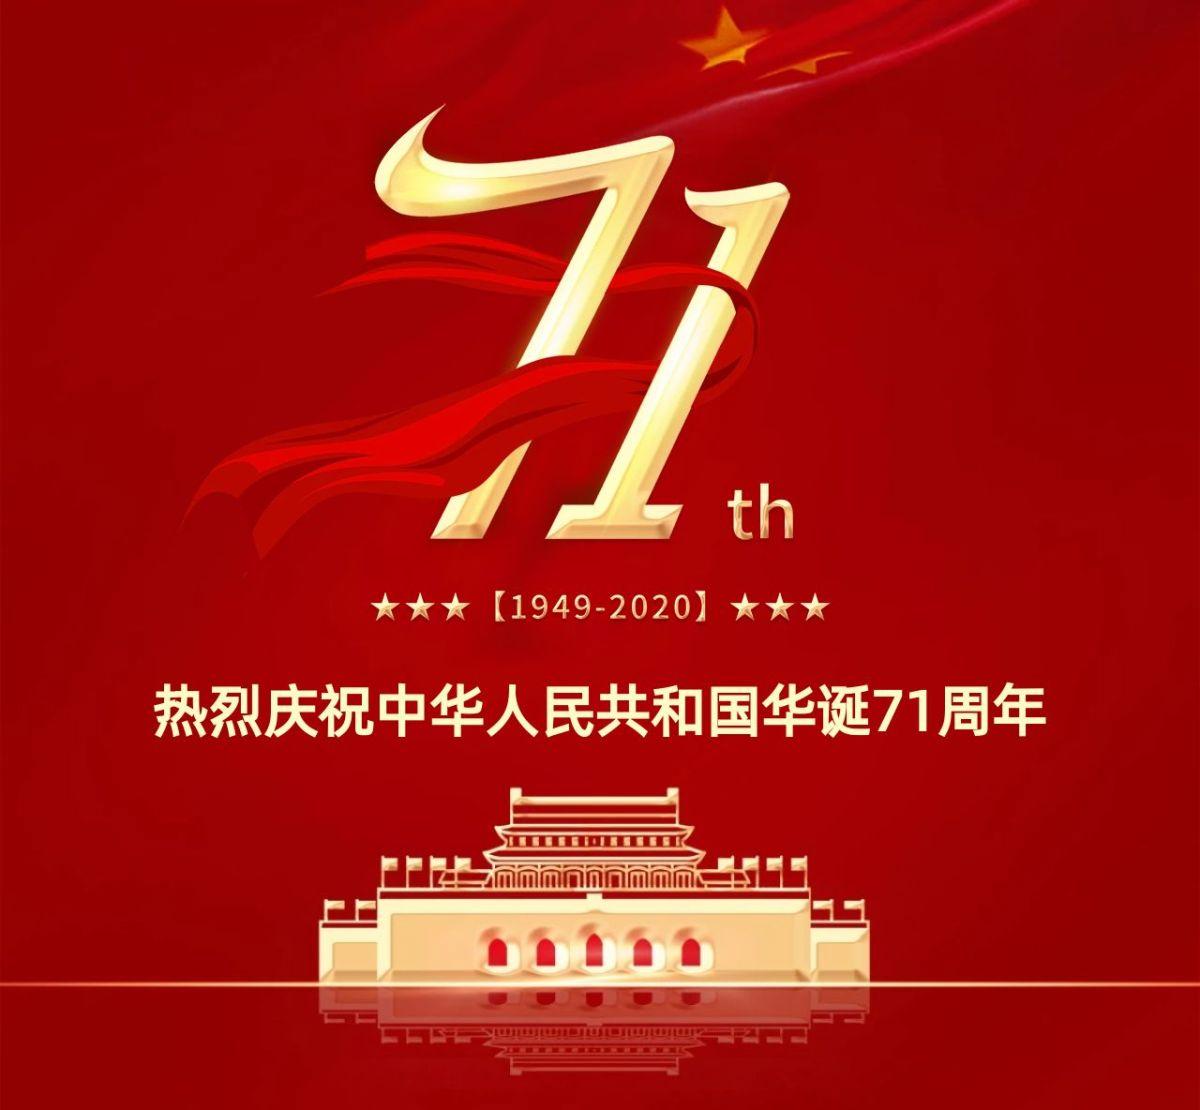 红色简约大气国庆节71周年纪念朋友圈封面